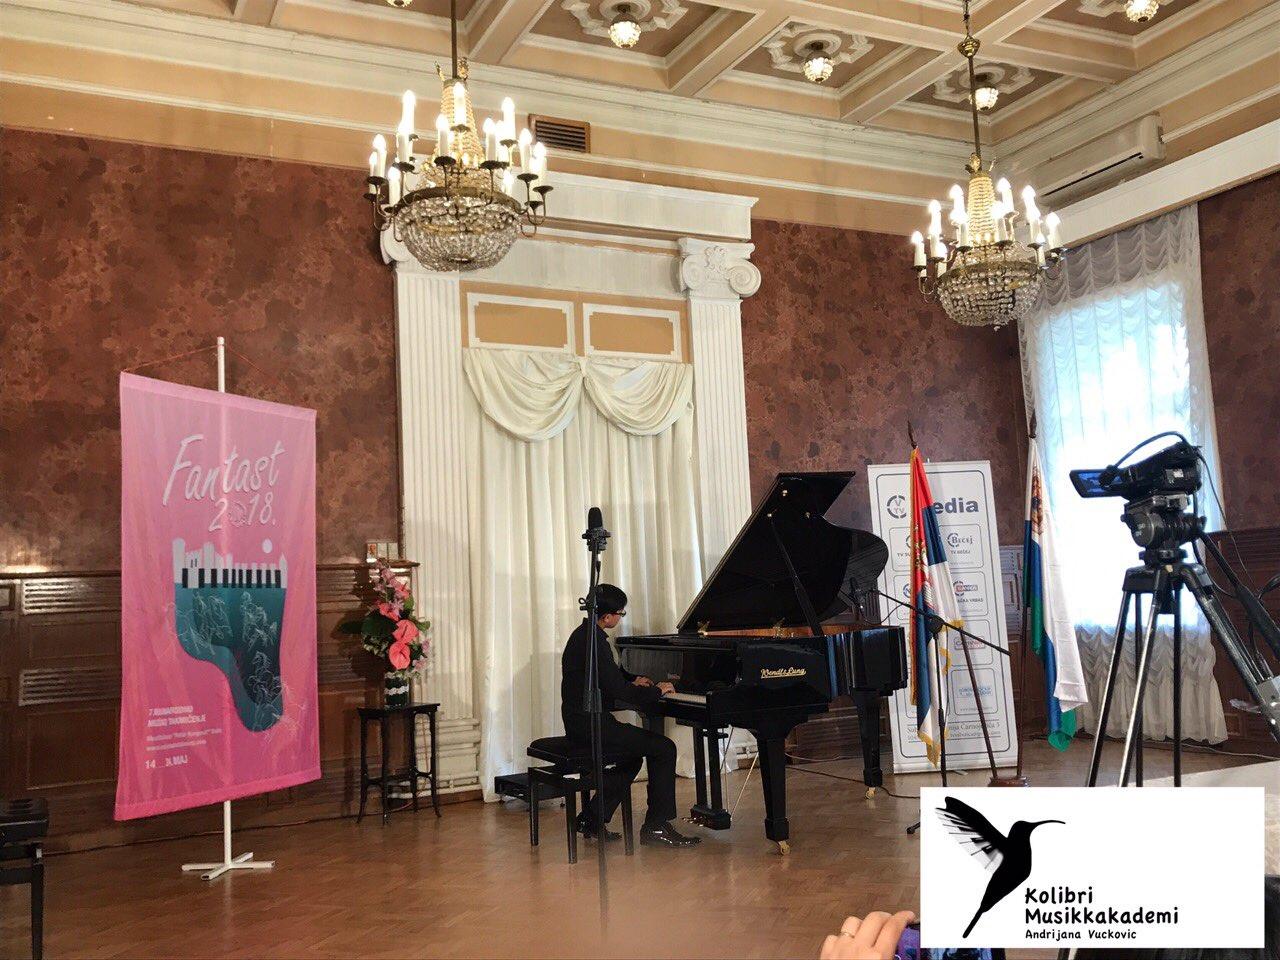 muisikkskole Oslo talentprogram pianolærer Oslo kulturskole